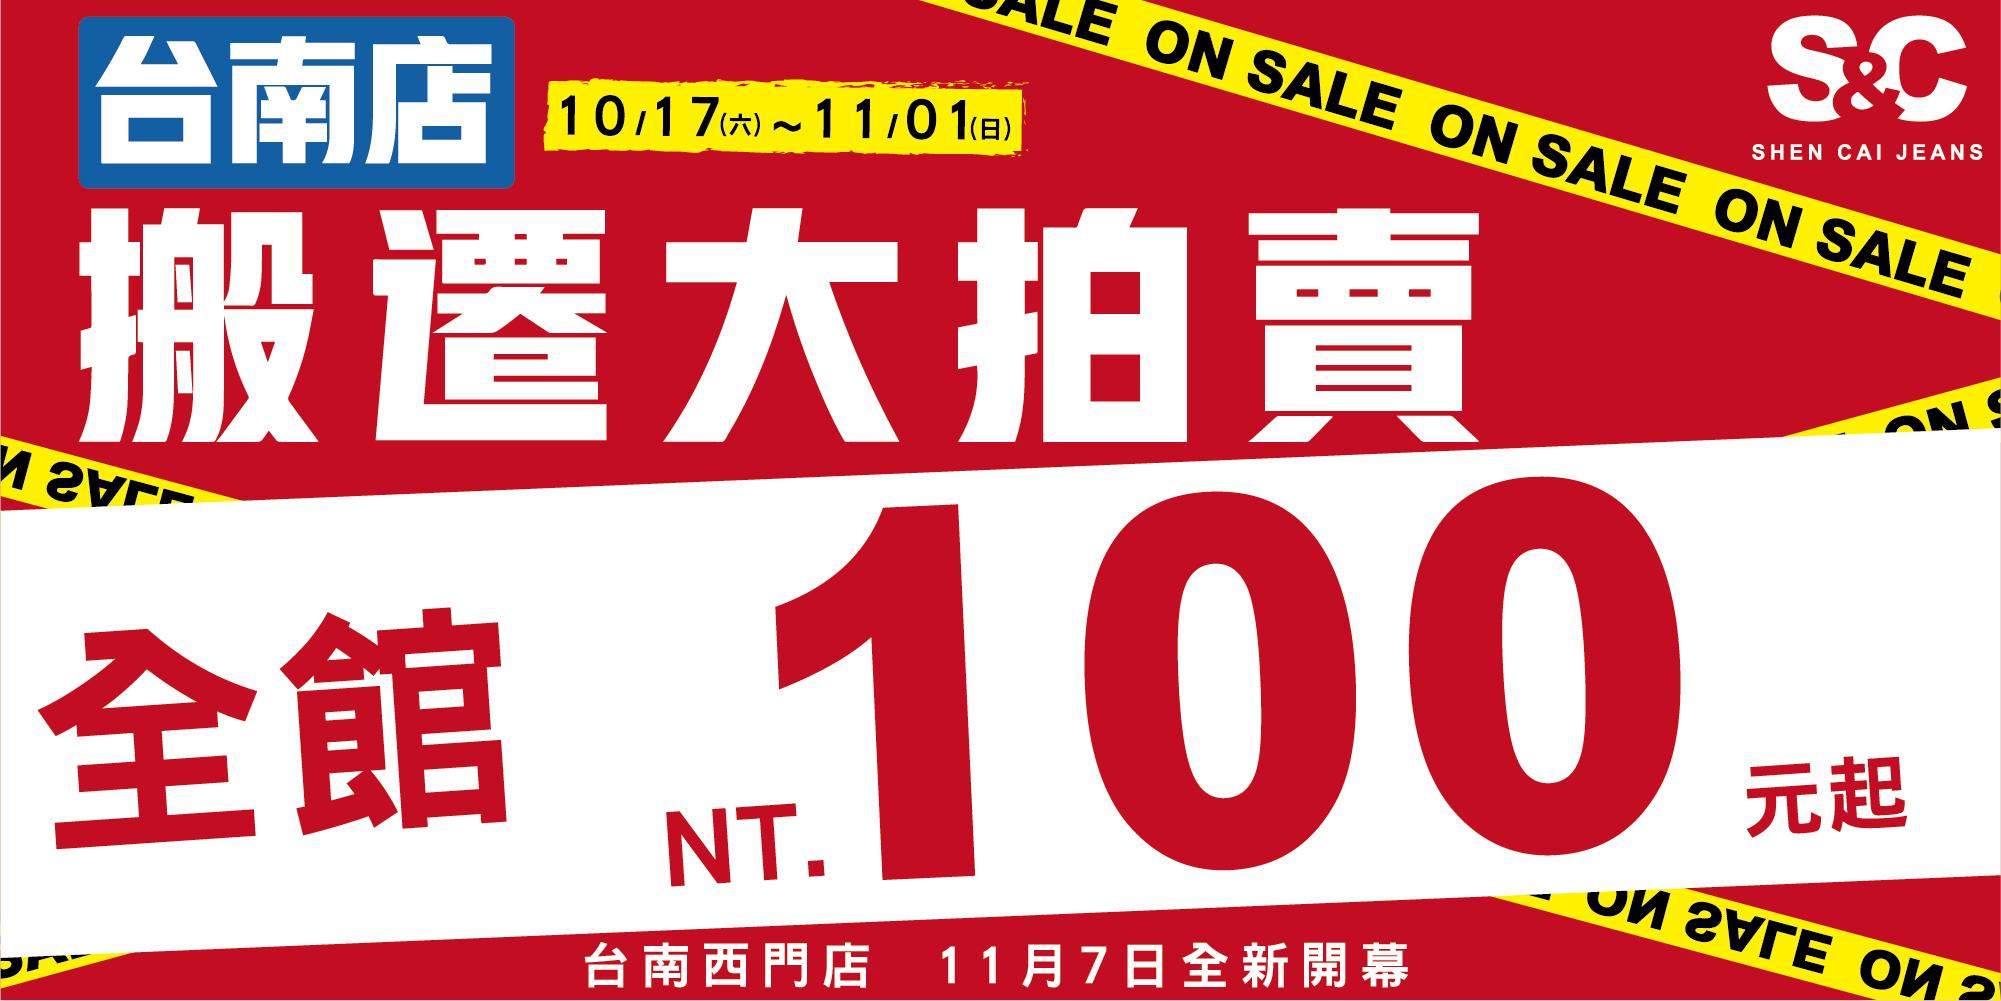 台南-搬遷大拍賣-$100起